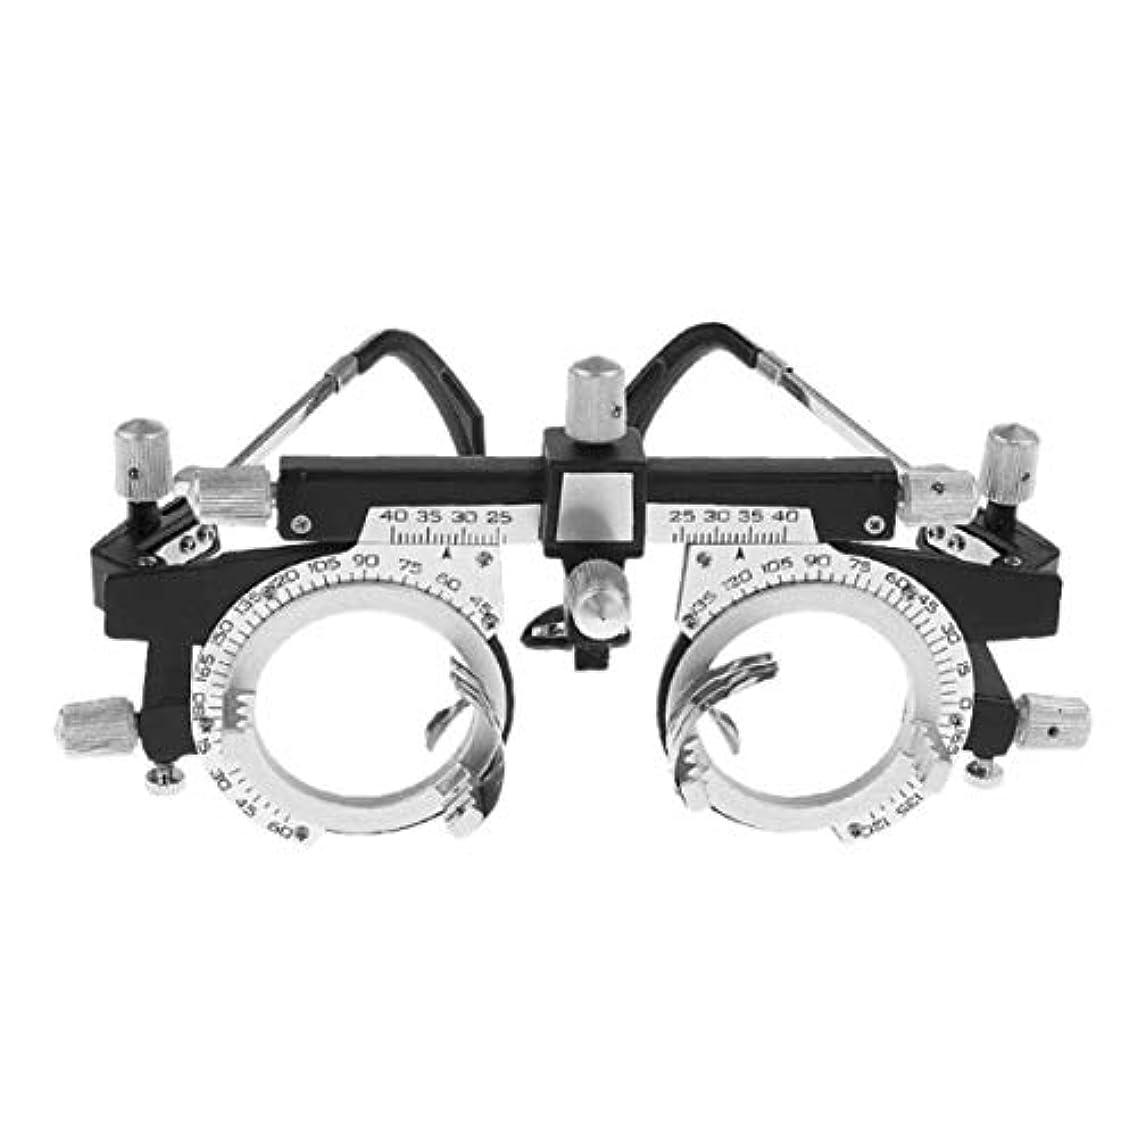 無数の人に関する限り凝視調節可能なプロフェッショナルアイウェア検眼メタルフレーム光学オプティクストライアルレンズメタルフレームPDメガネアクセサリー - シルバー&ブラック